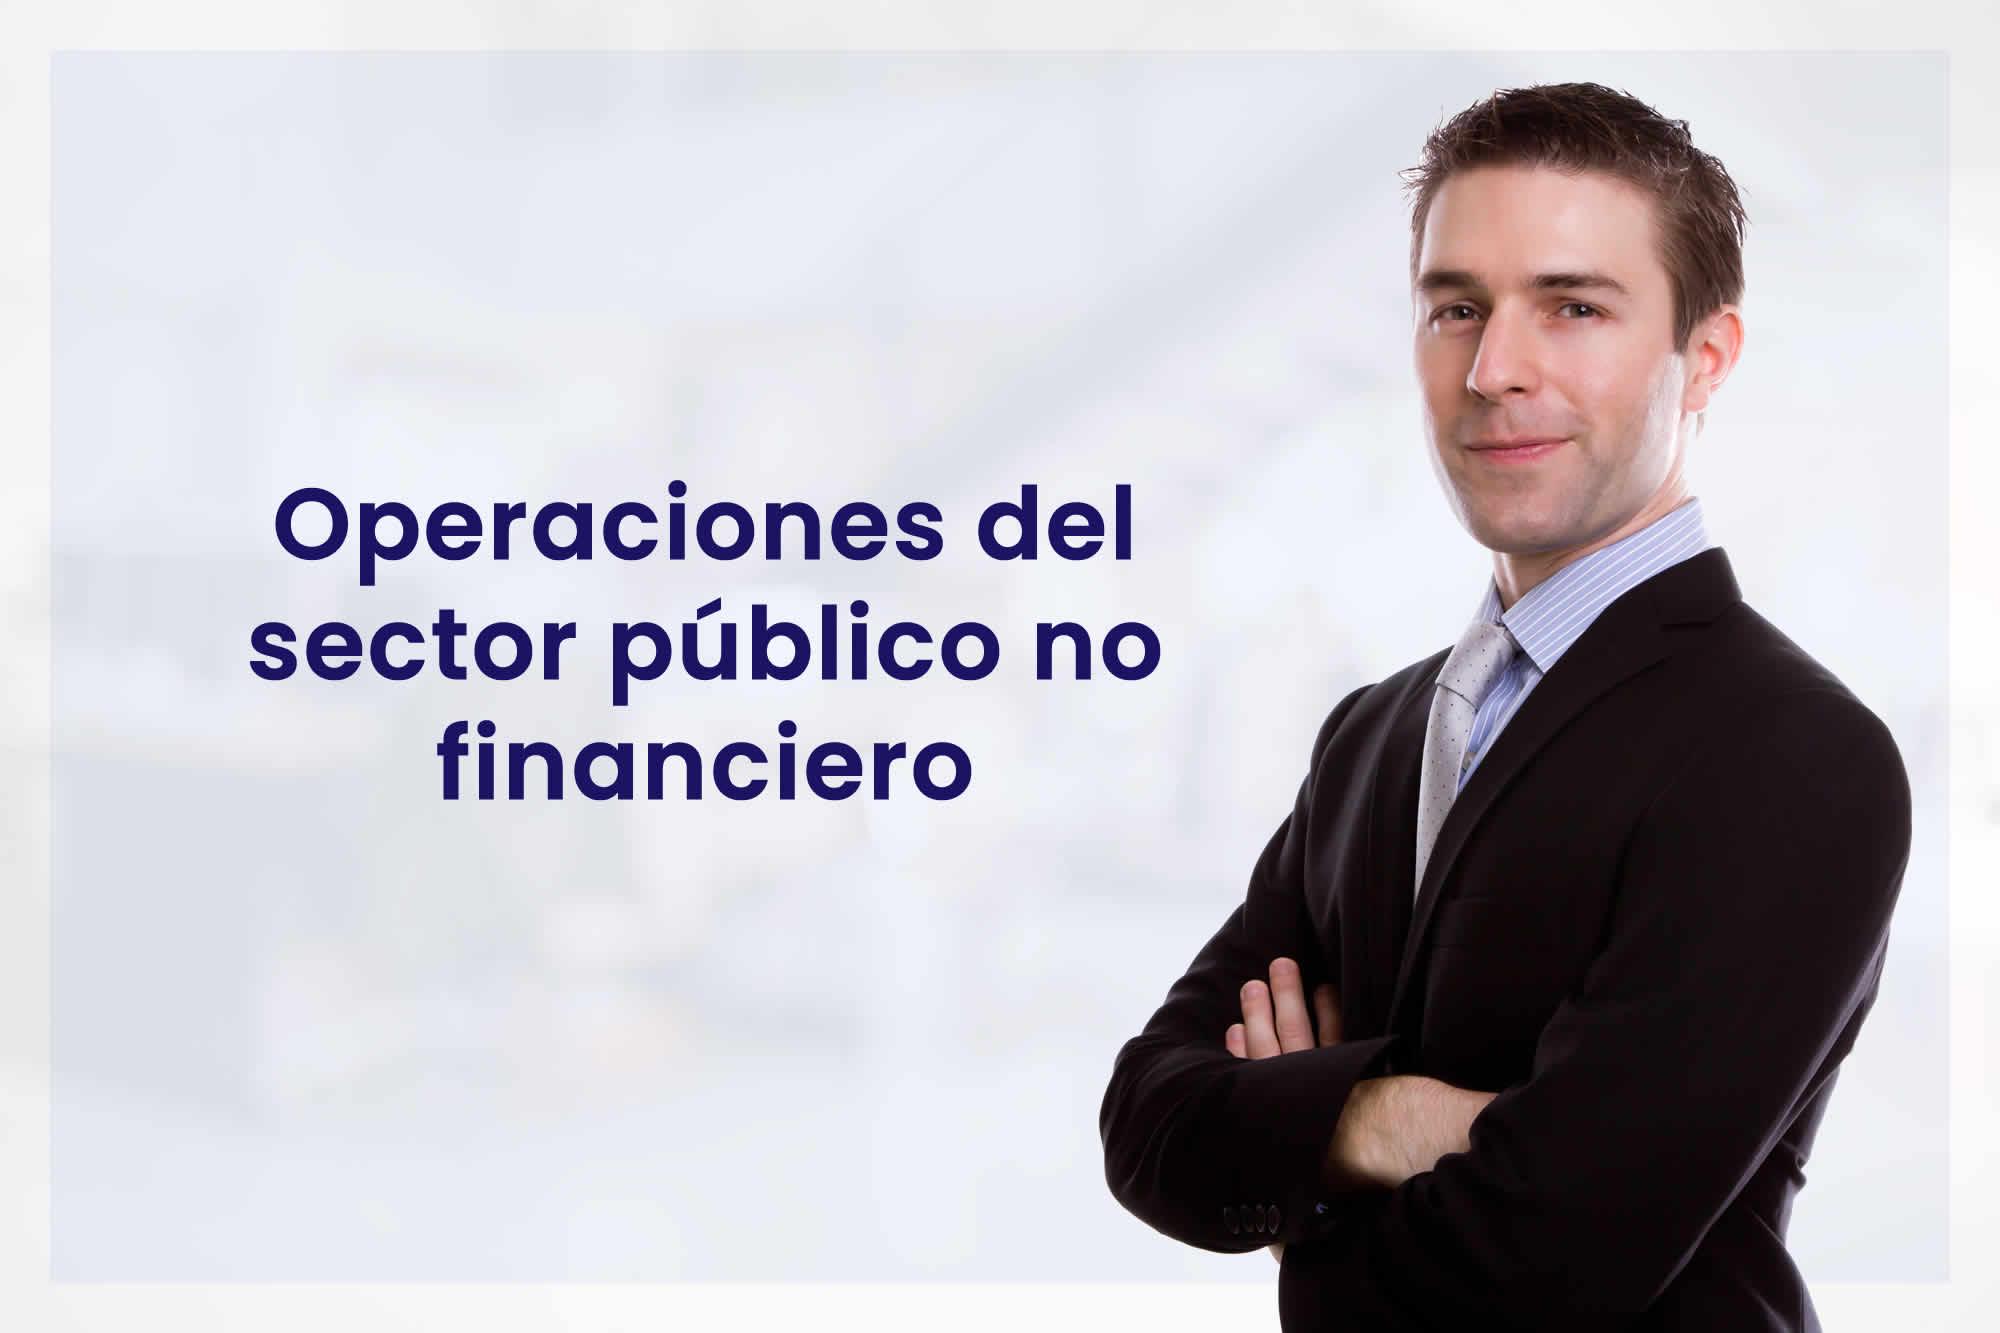 INKARIPERU | OPERACIONES DEL SECTOR PUBLICO NO FINANCIERO